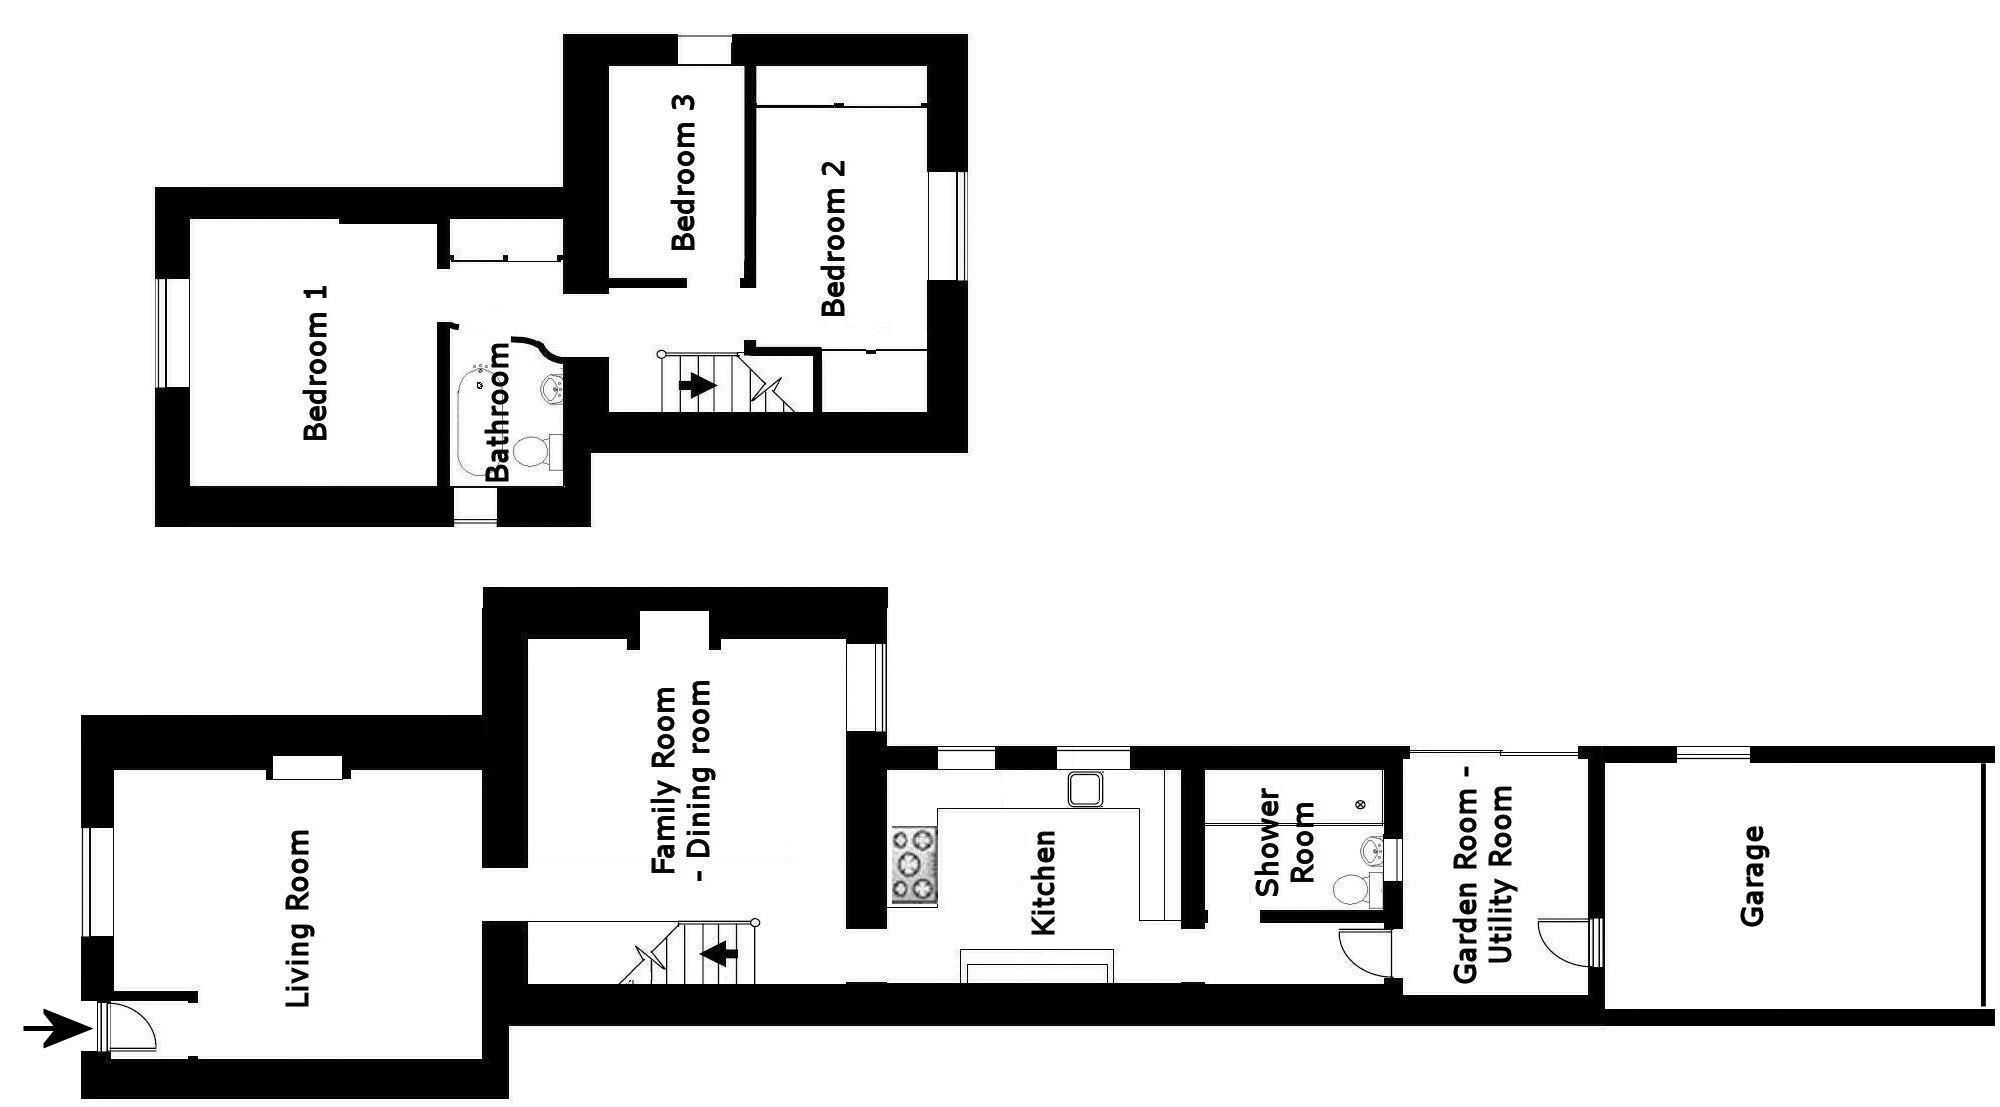 Floor plan with garage